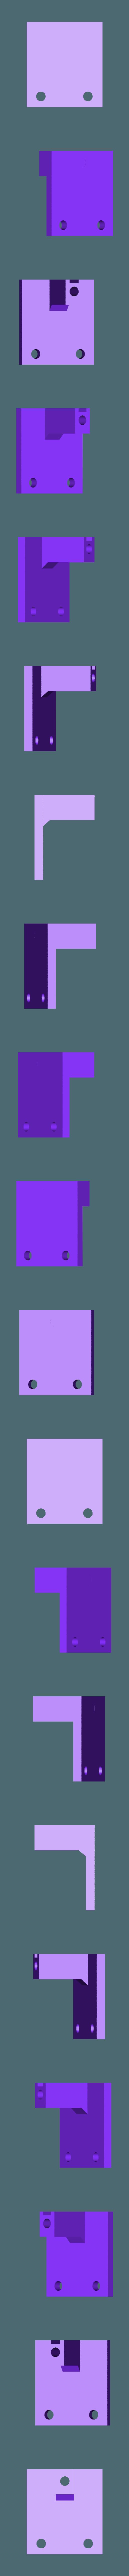 tensor para apoyar con polea aluminio plano 2.stl Télécharger fichier STL gratuit Tendeur avec poulie GT2 • Modèle pour imprimante 3D, marceloeserafino